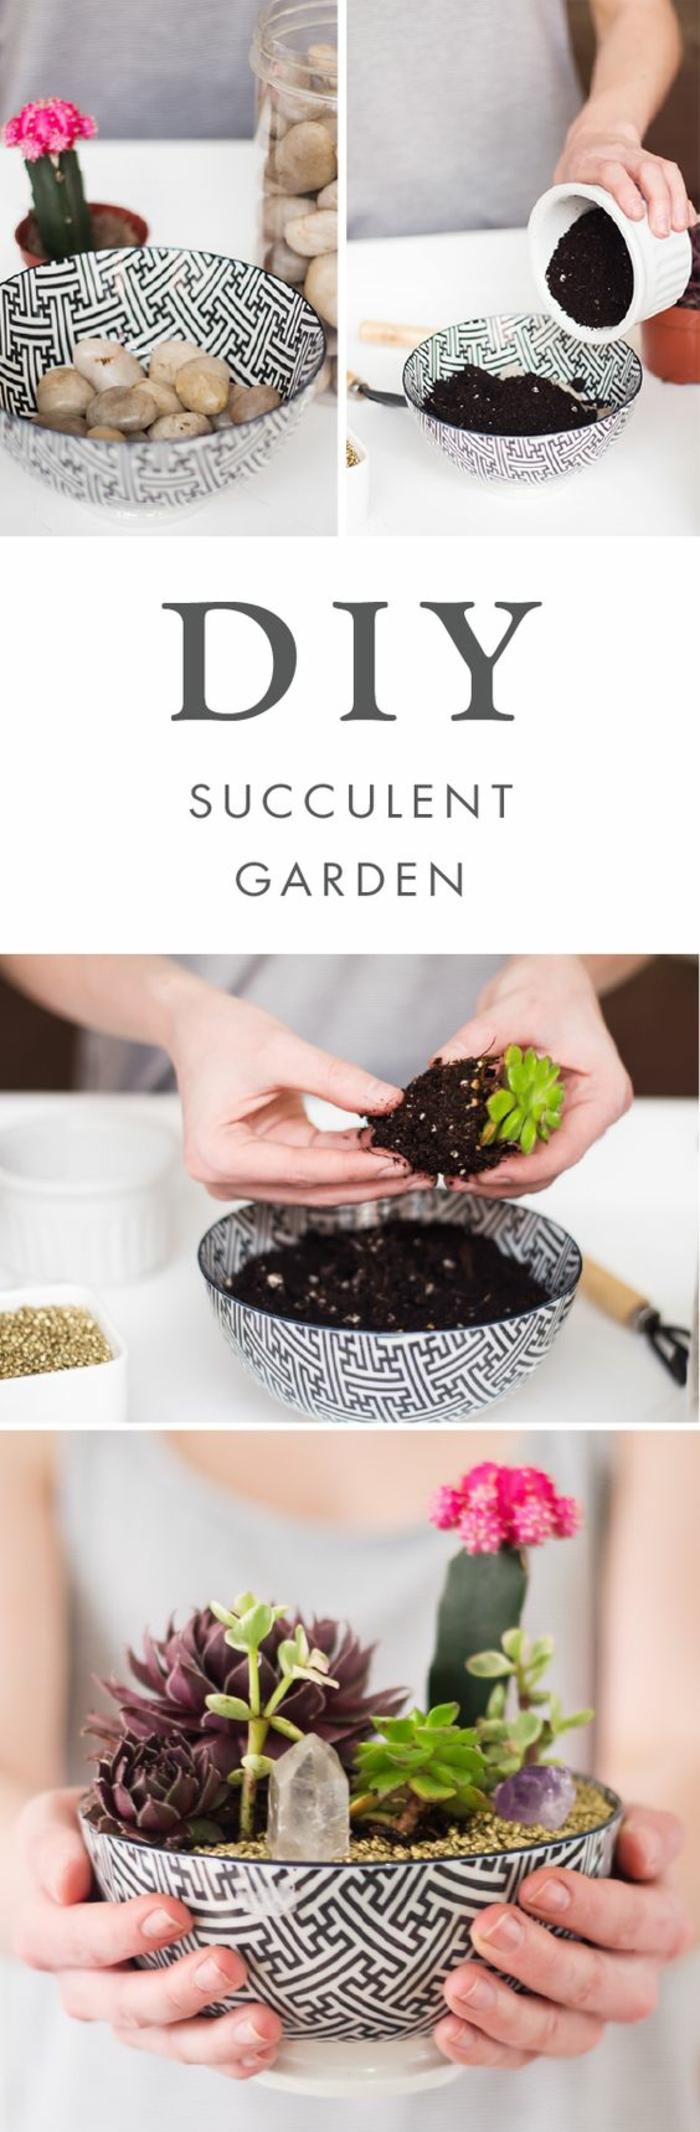 Piatto tondo con terriccio e sassi da utilizzare come vaso per piante grasse